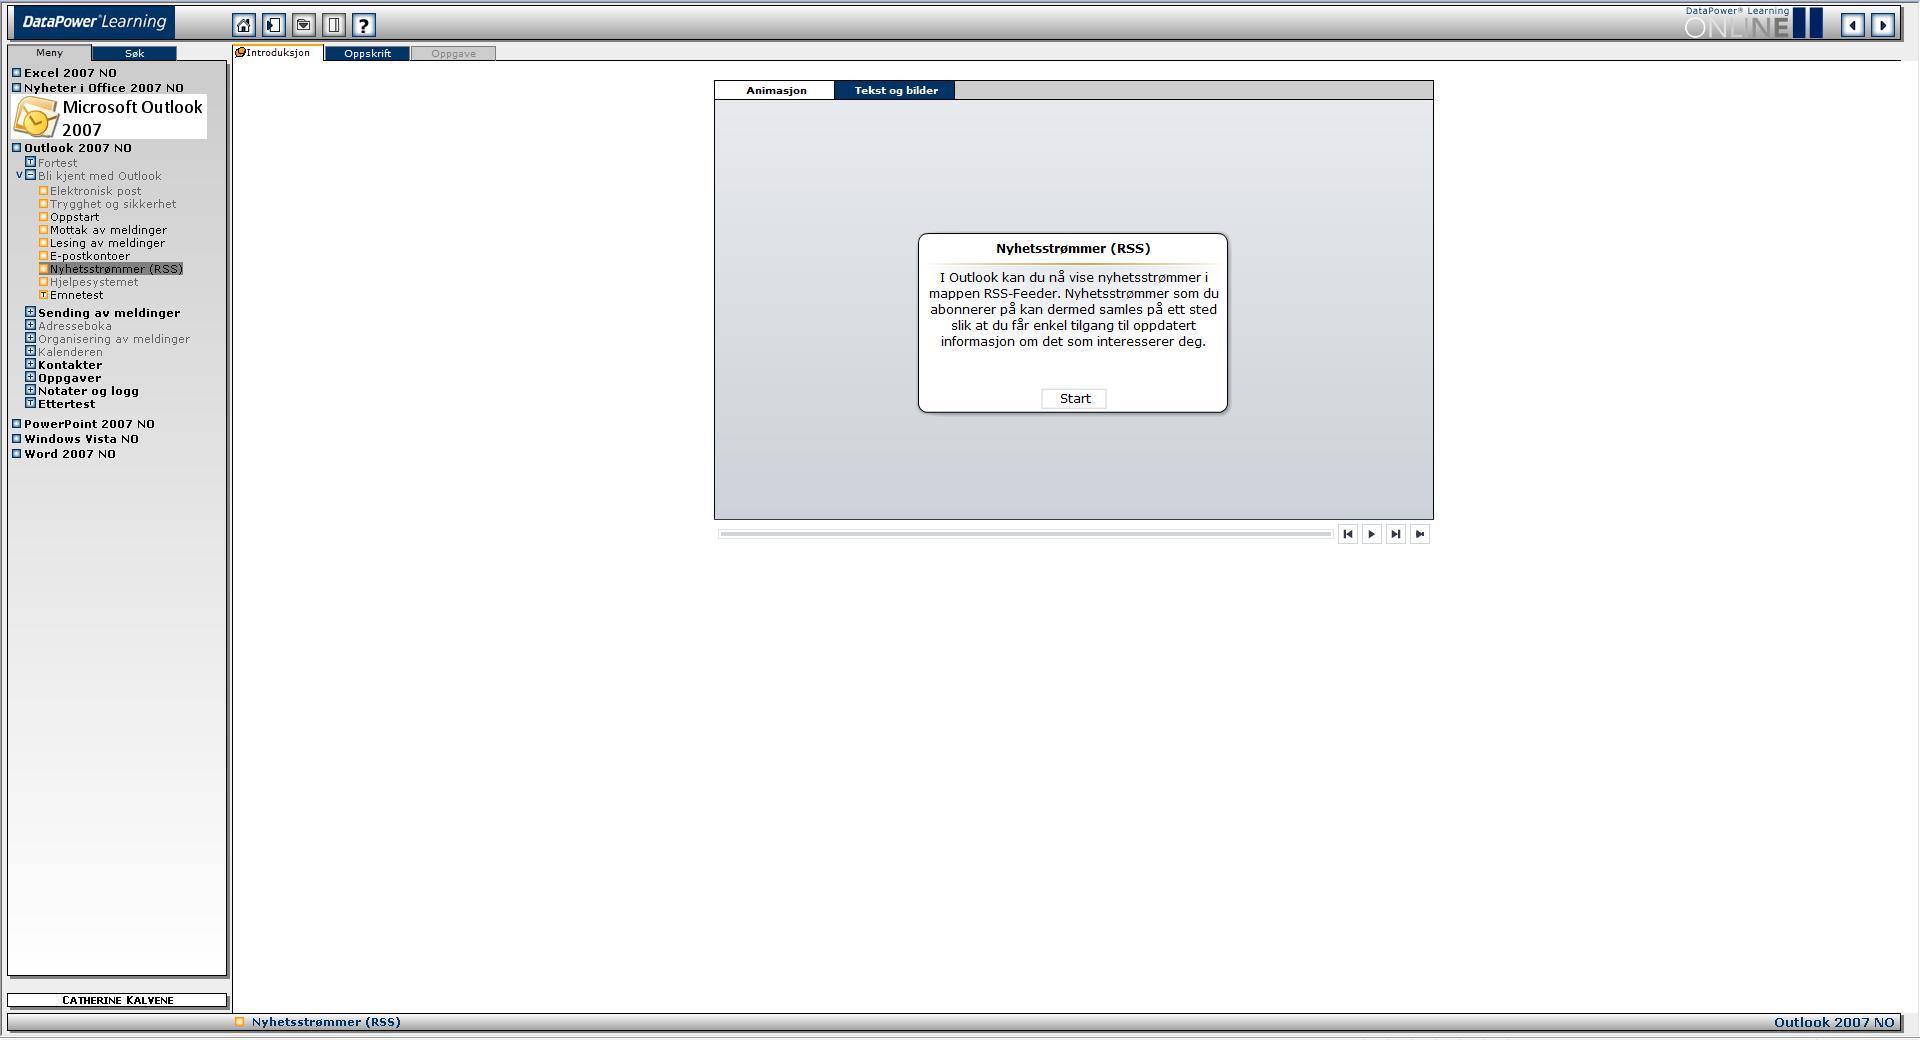 Screenshot av DataPowers grensesnitt, der Innholdsdelen vises til høyre, med en emnemeny til venstre. I innholdsdelen er det tre faner: Introduksjon, Oppskrift og Oppgave. Her er Introduksjonsfanebladet valgt. Introduksjonsfanebladet inneholder to sub-faneblader: 'Animasjon' og 'Beskrivelse og Bilder', som begge introduserer det valgte emnet.